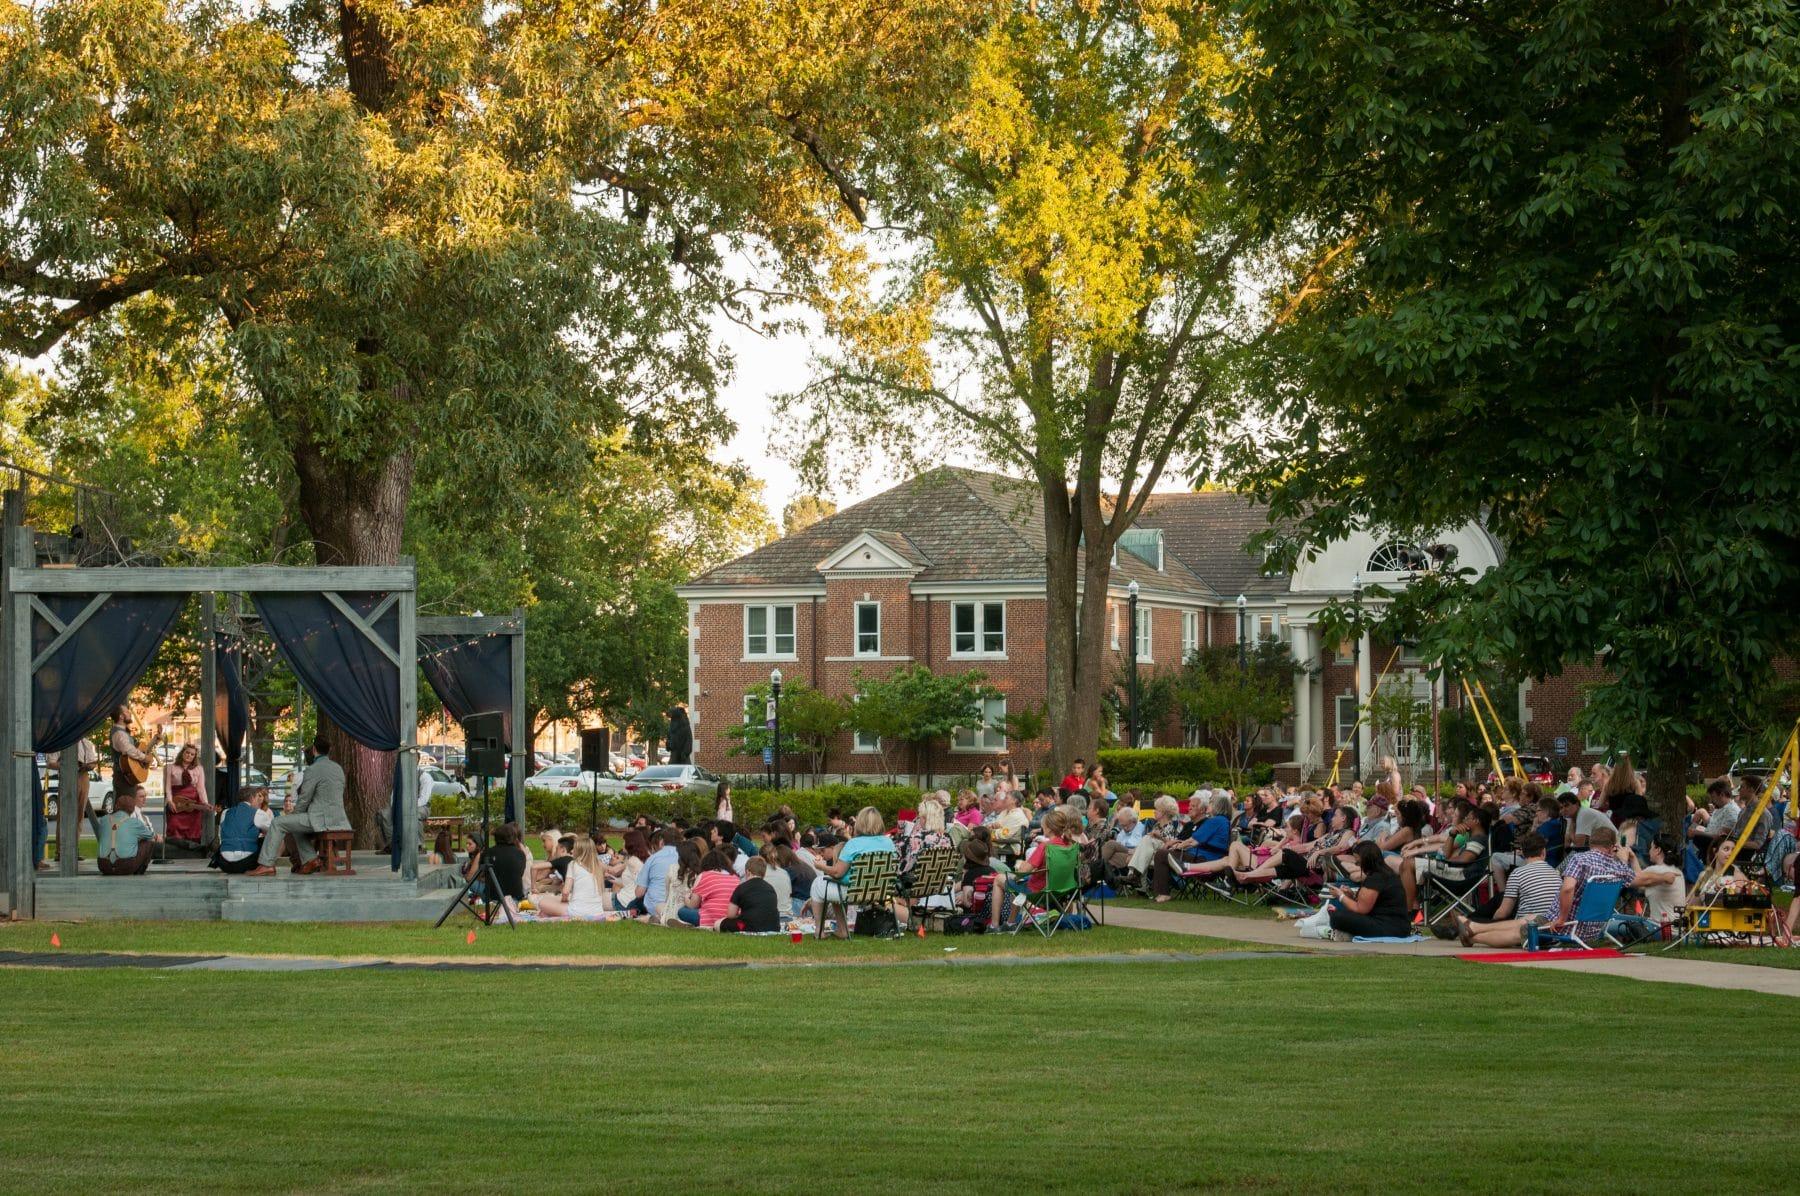 Arkansas Shakespeare's outdoor performance